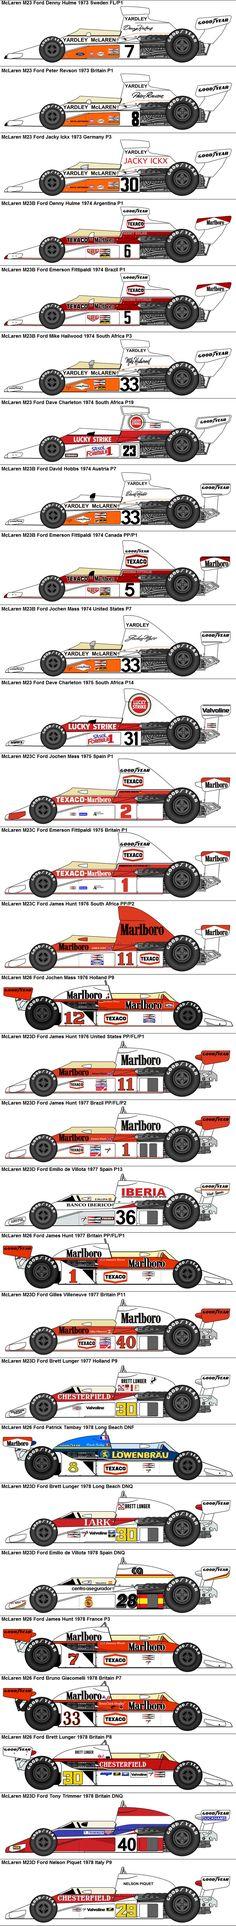 Formula One Grand Prix McLaren M23/M26 Fords 1973-1978